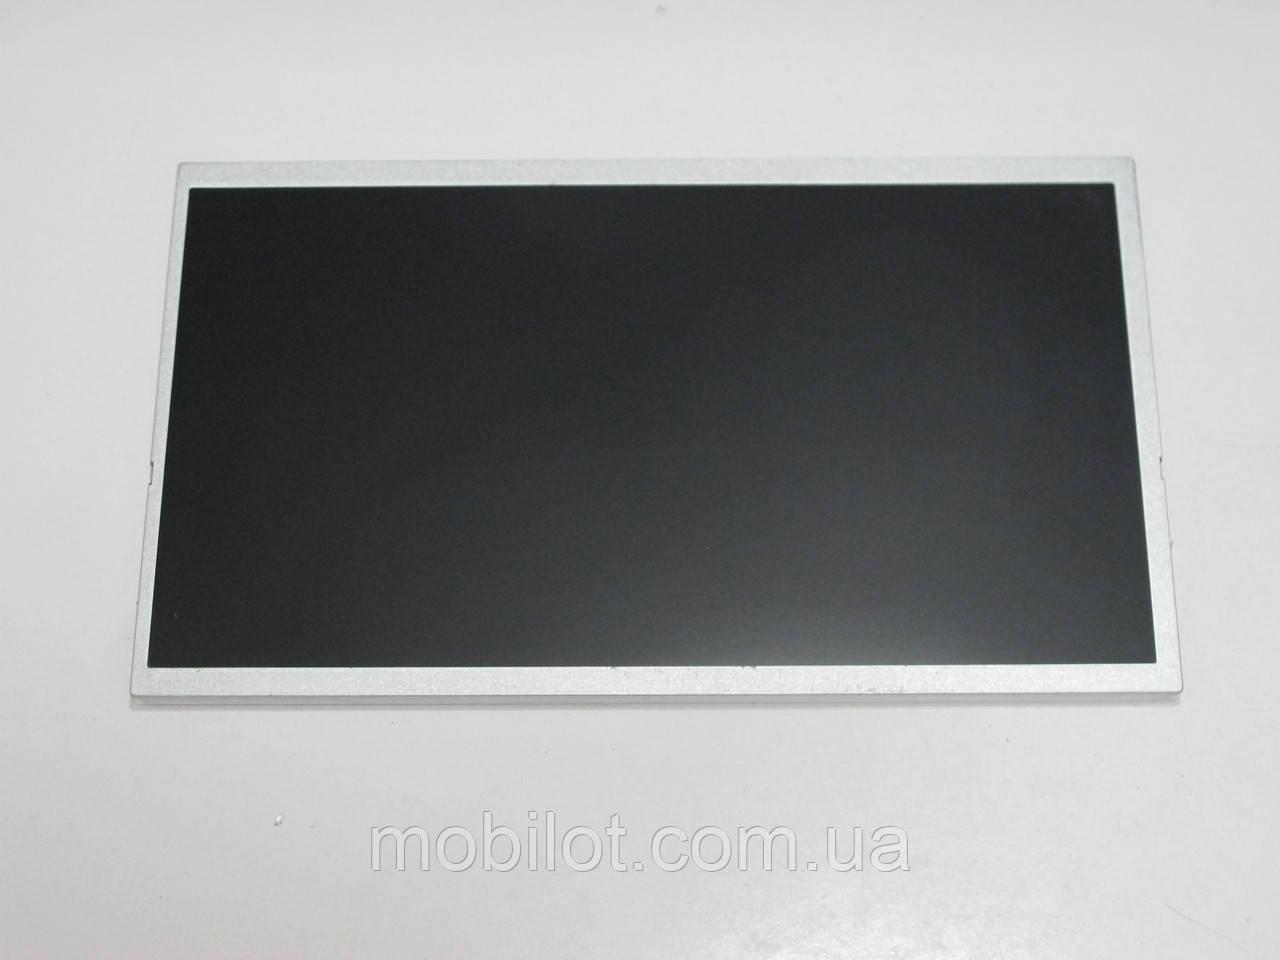 Экран (матрица) 10.1 Led (NZ-6937)